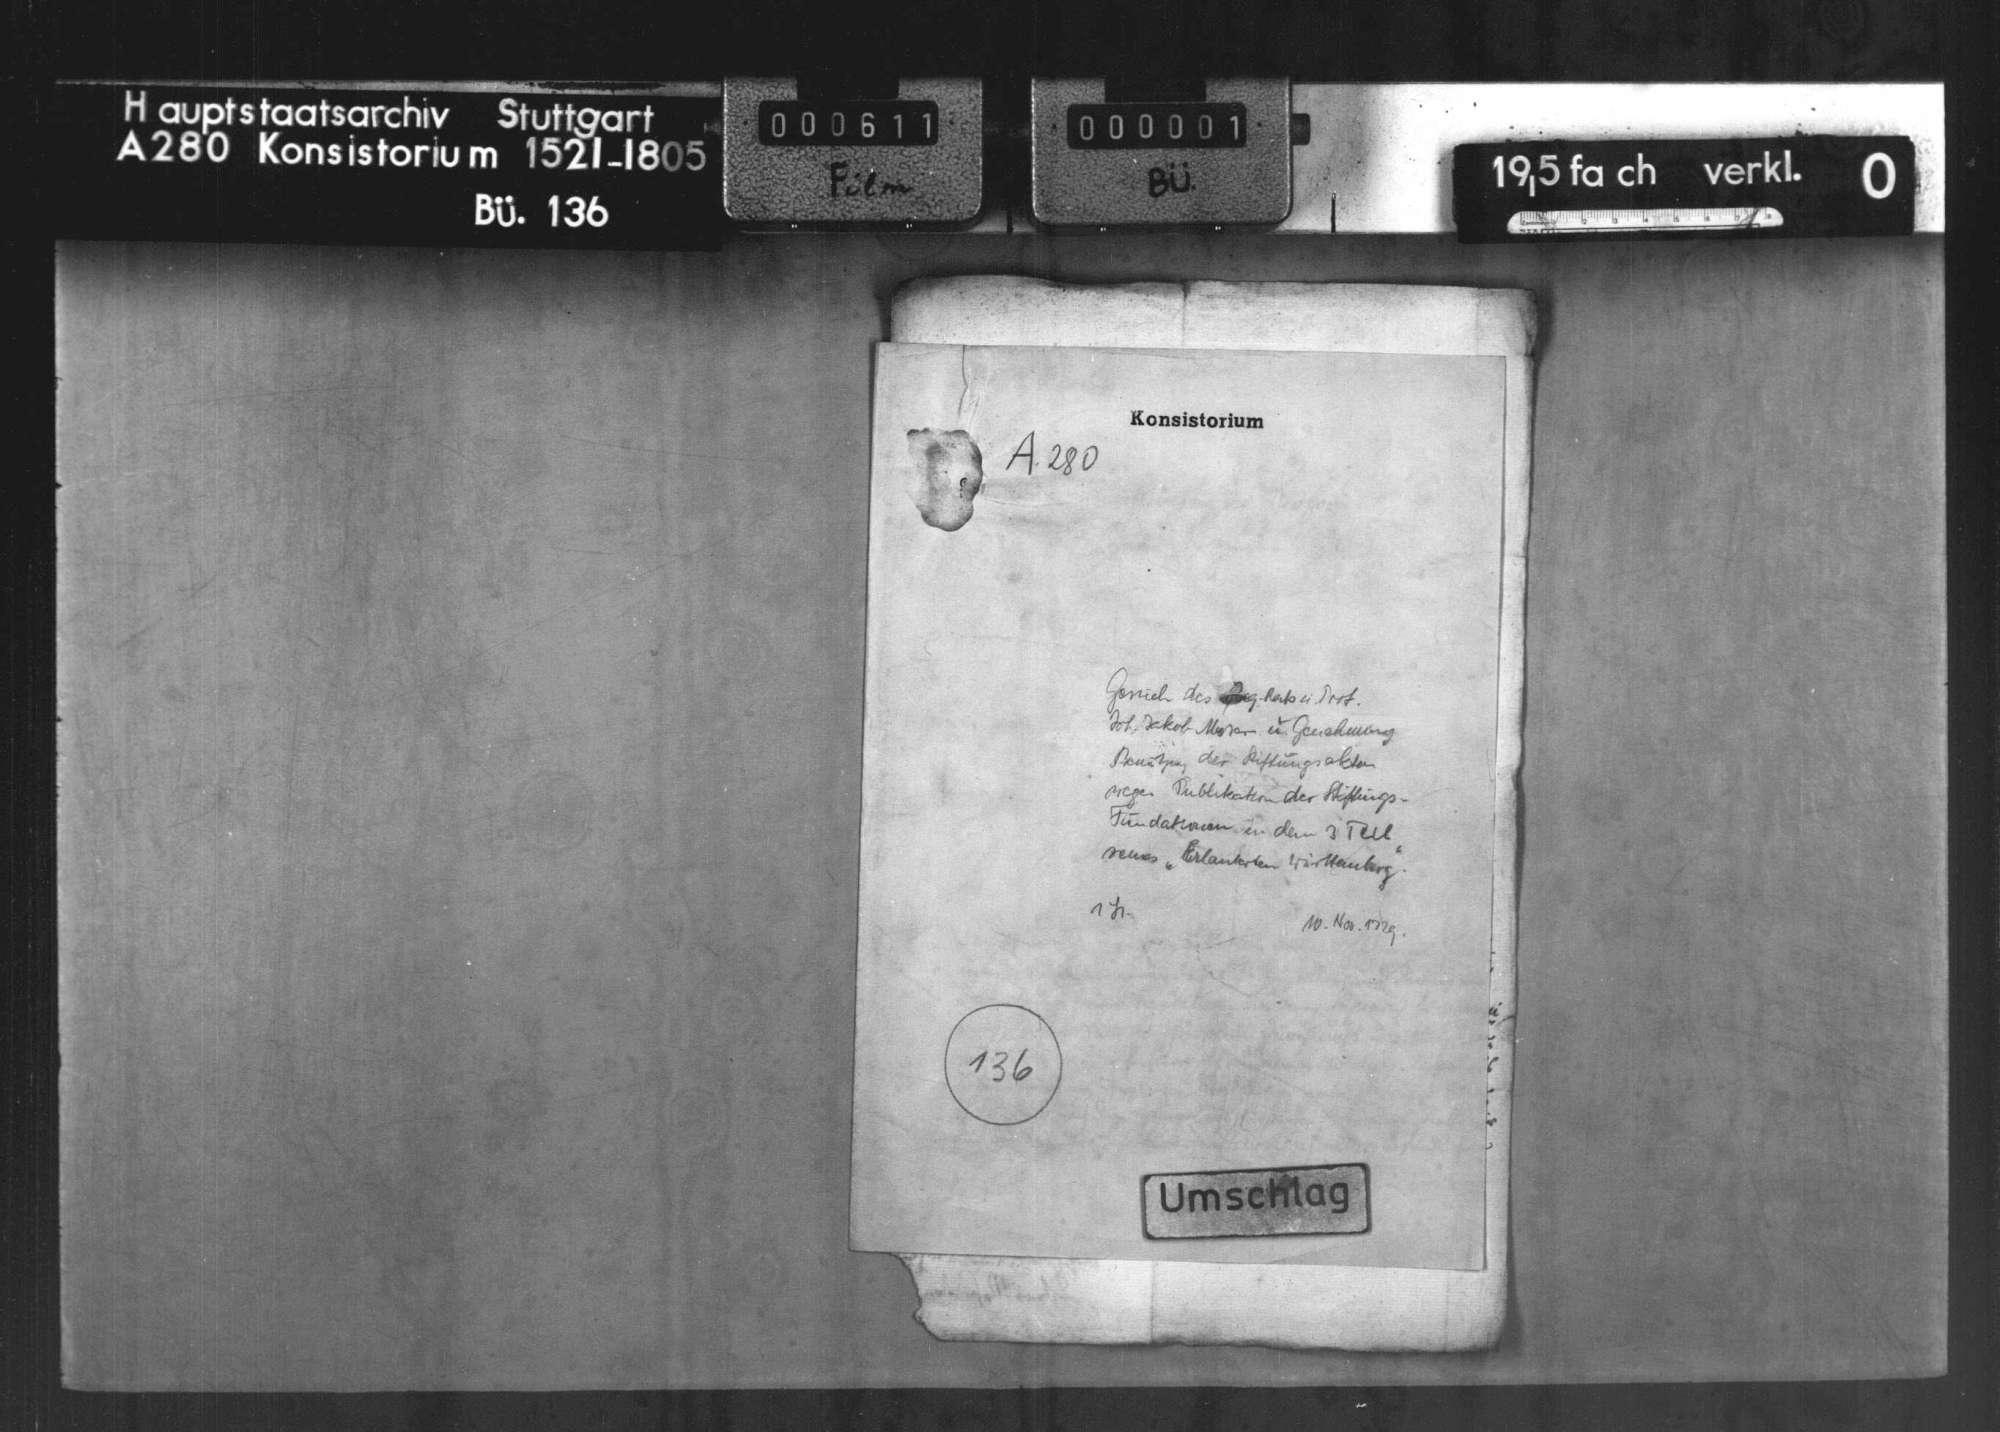 """Gesuche des Reg. Rats und Prof. Joh. Jacob Moser um Genemigung zur Benützung der Stiftungsakten wegen Publikation der Stiftungsfundationen in dem 3. Teil seines """"Erläuterten Württemberg"""", Bild 1"""